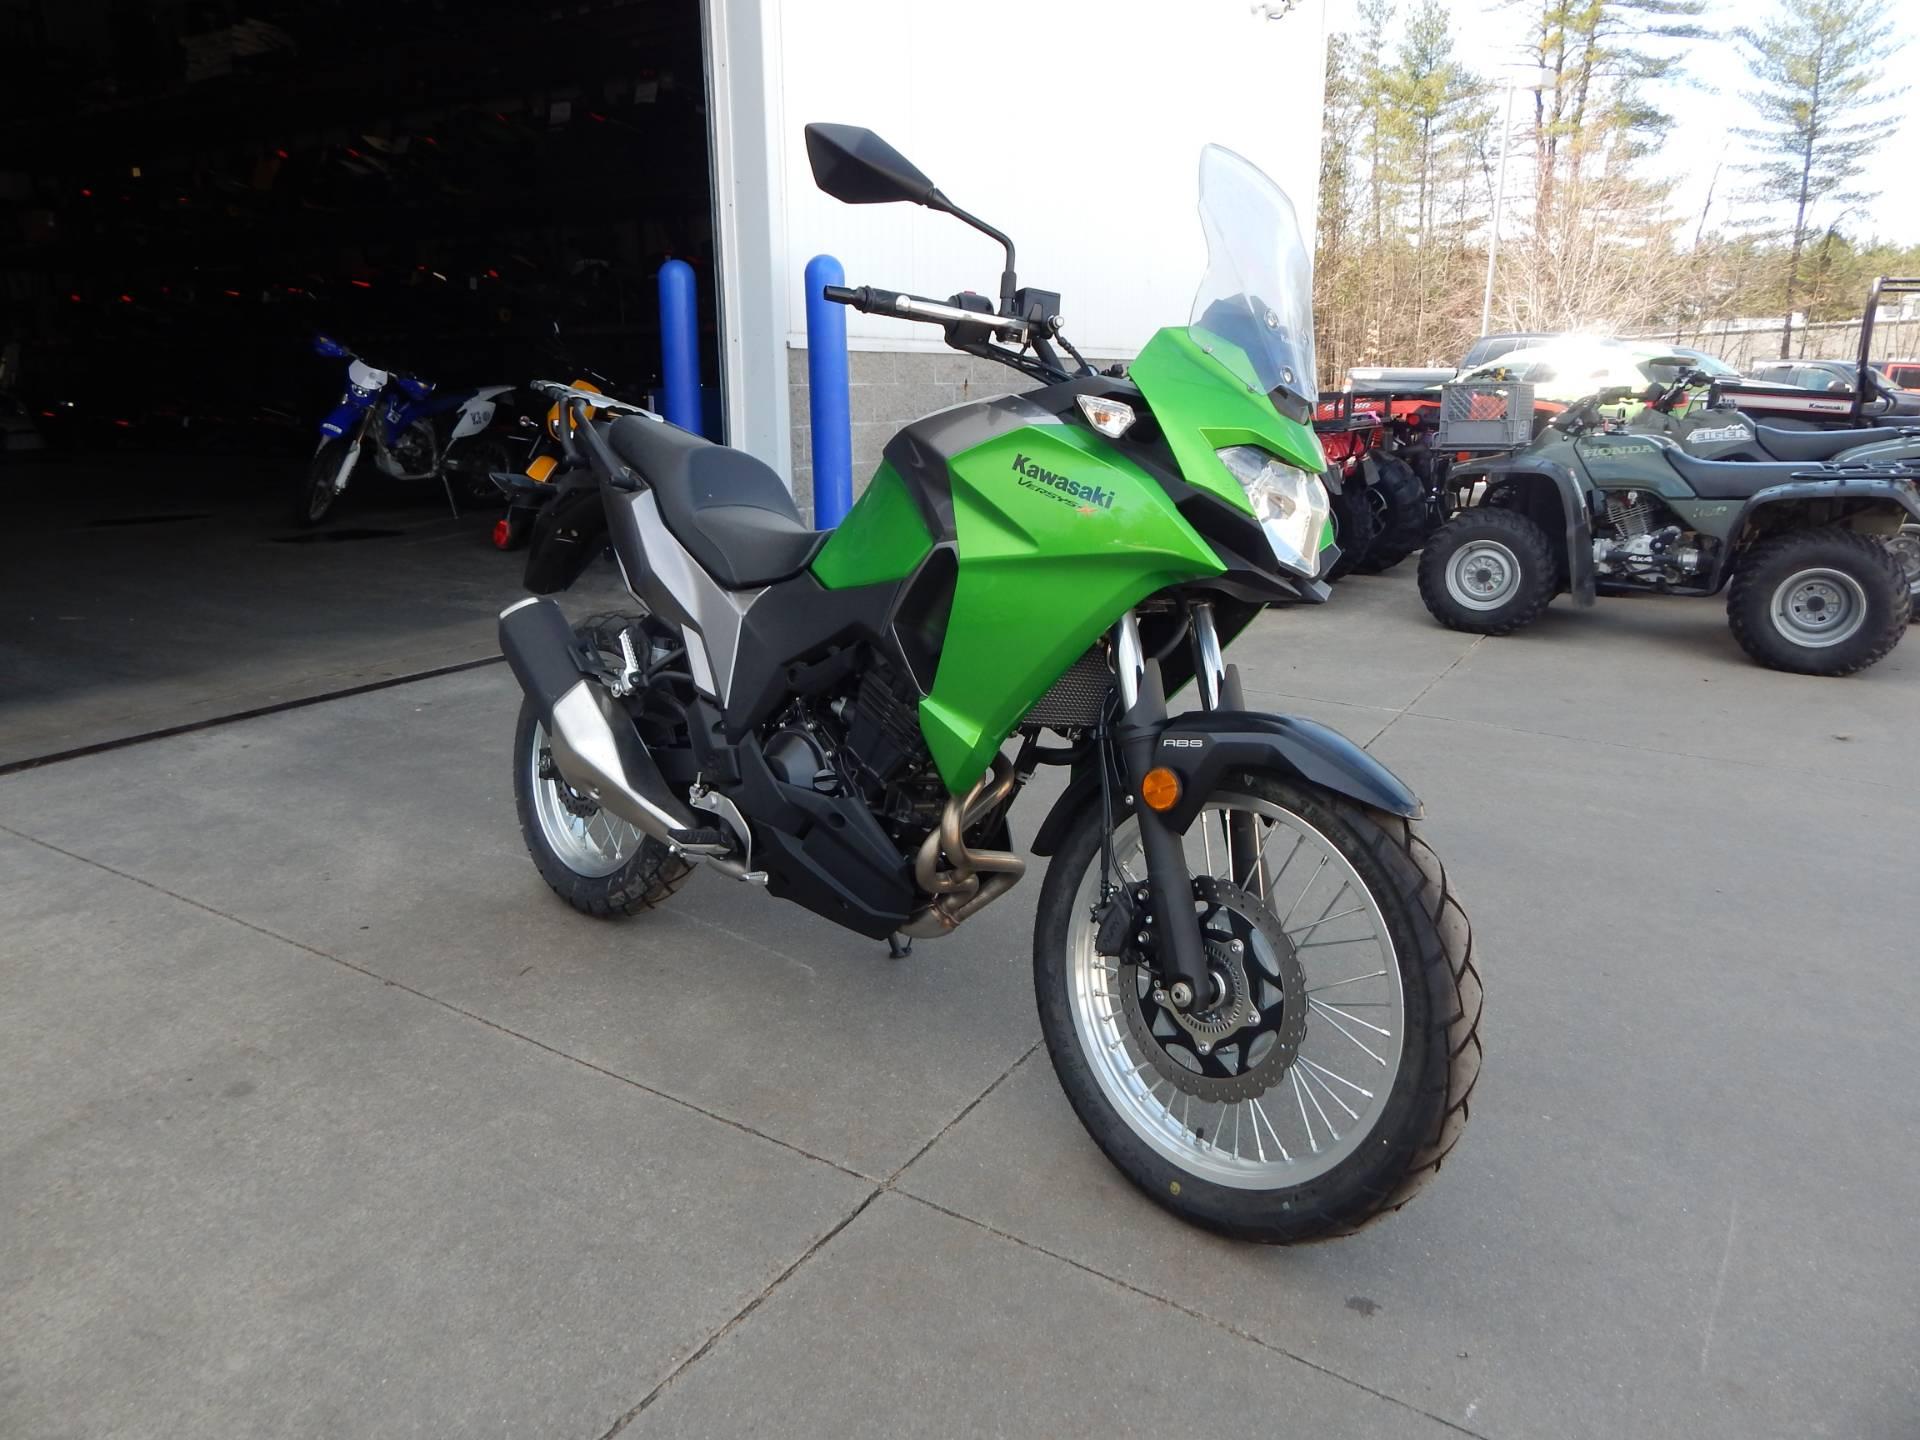 2017 Kawasaki Versys-X 300 ABS for sale 107419